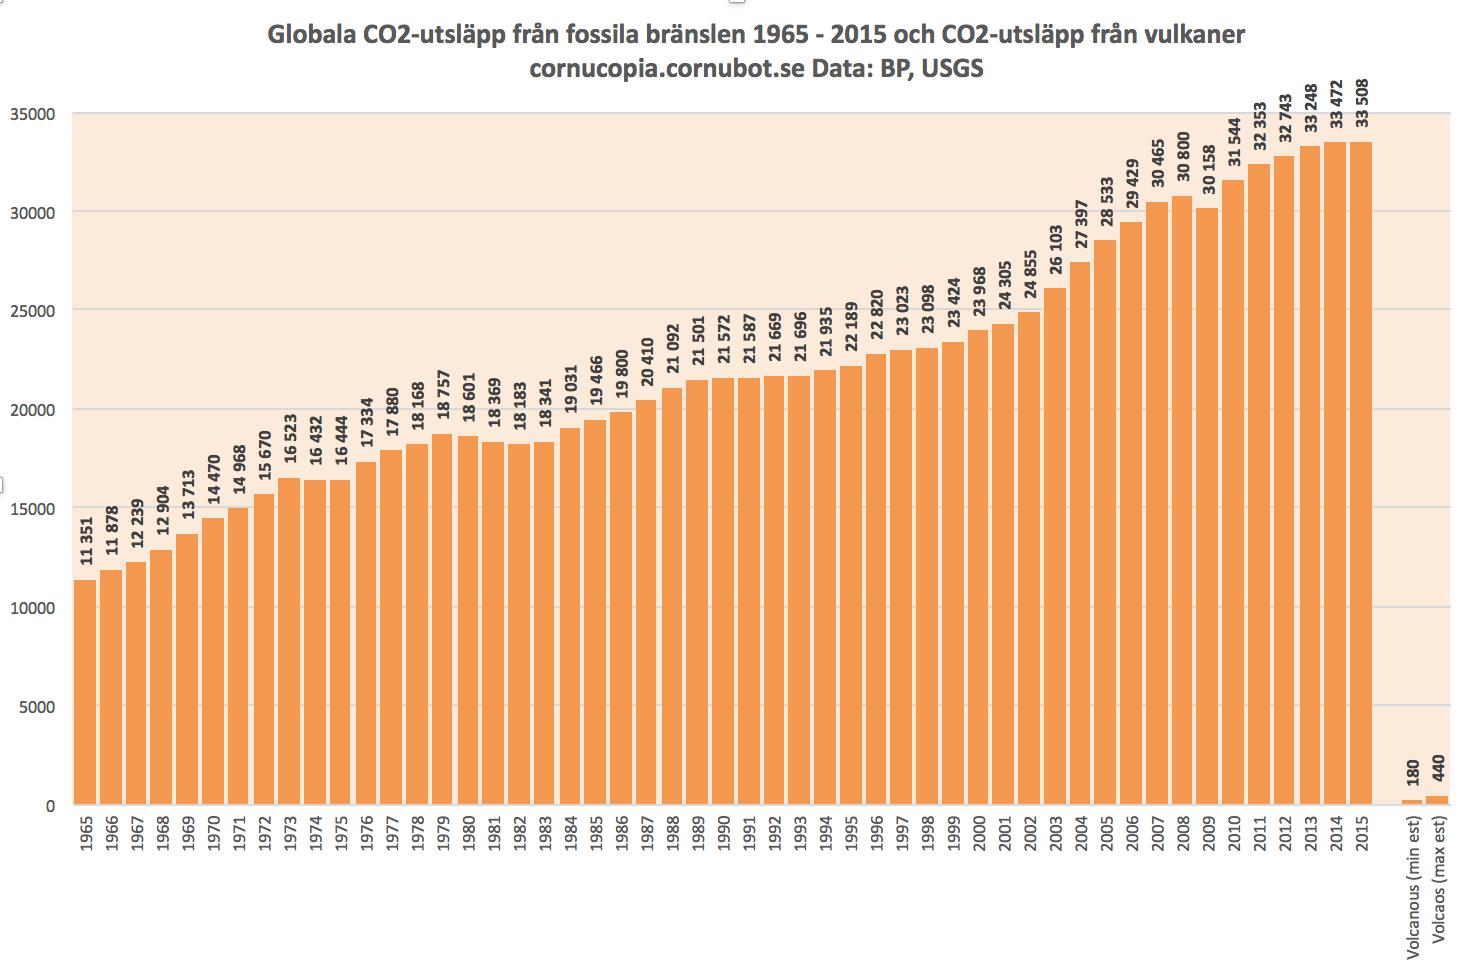 Cornucopia?: Nej, vulkaner släpper inte ut mer CO2 än